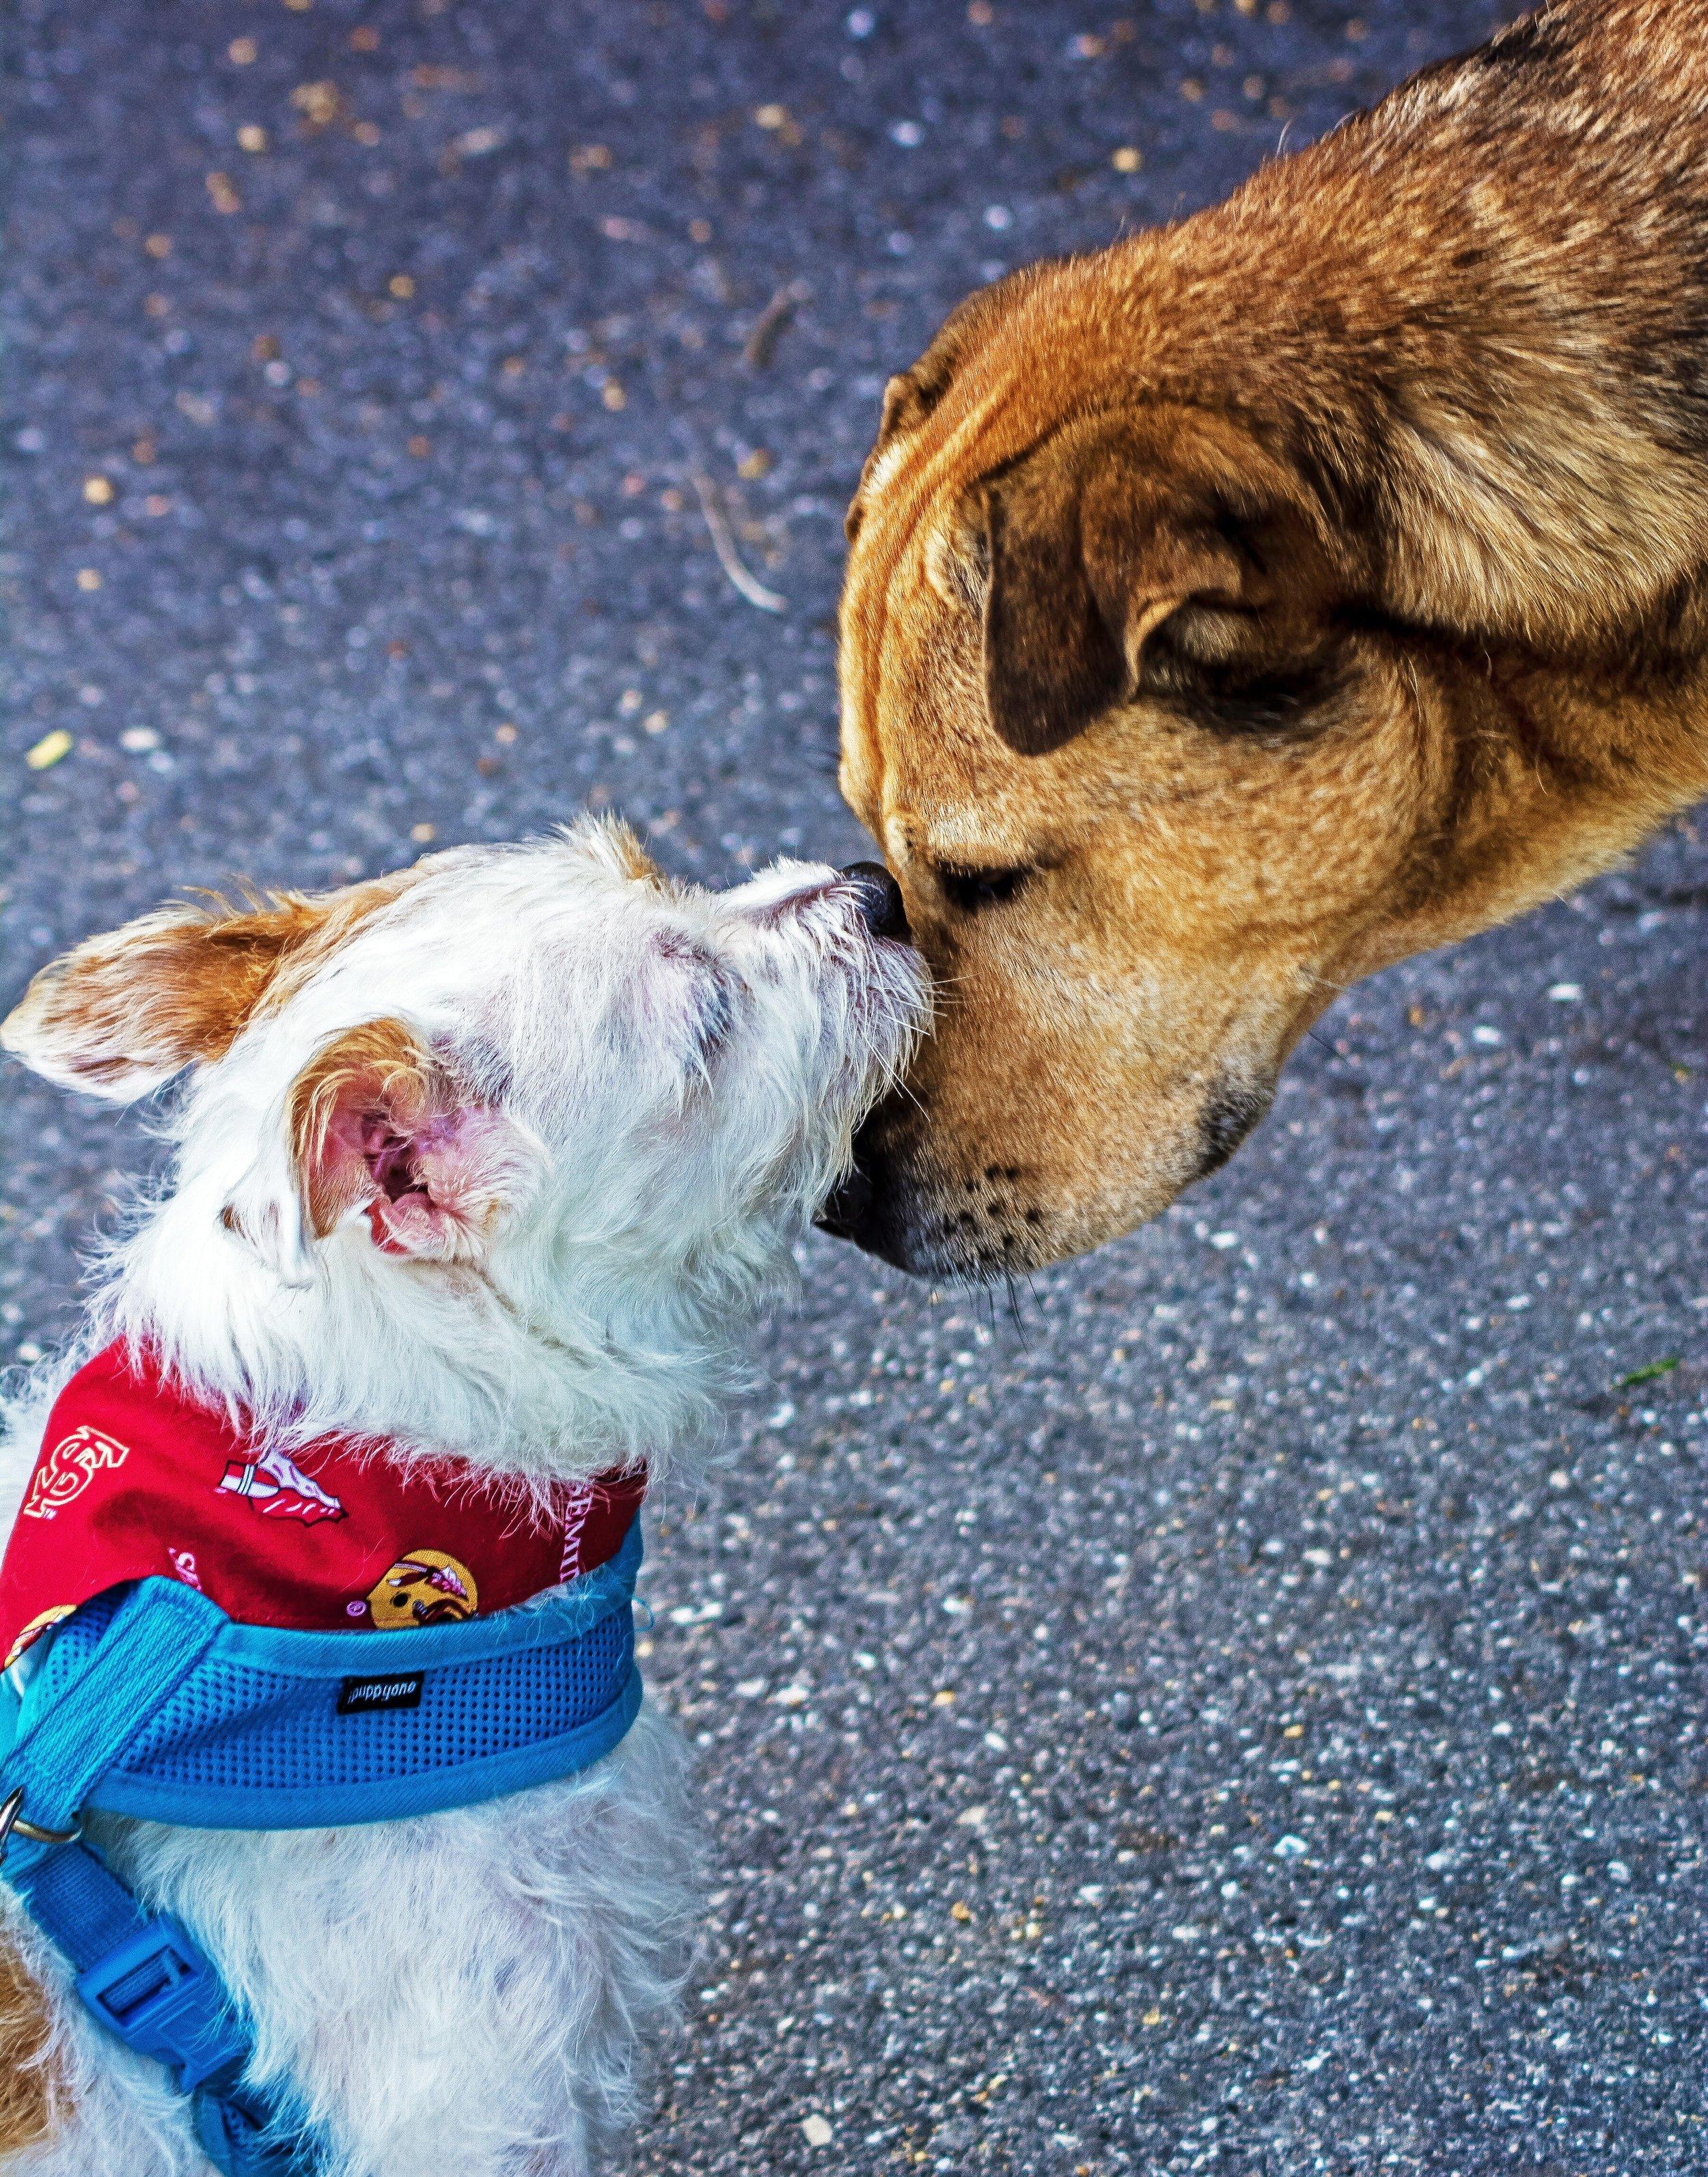 adorable-animal-animal-photography-1364729.jpg